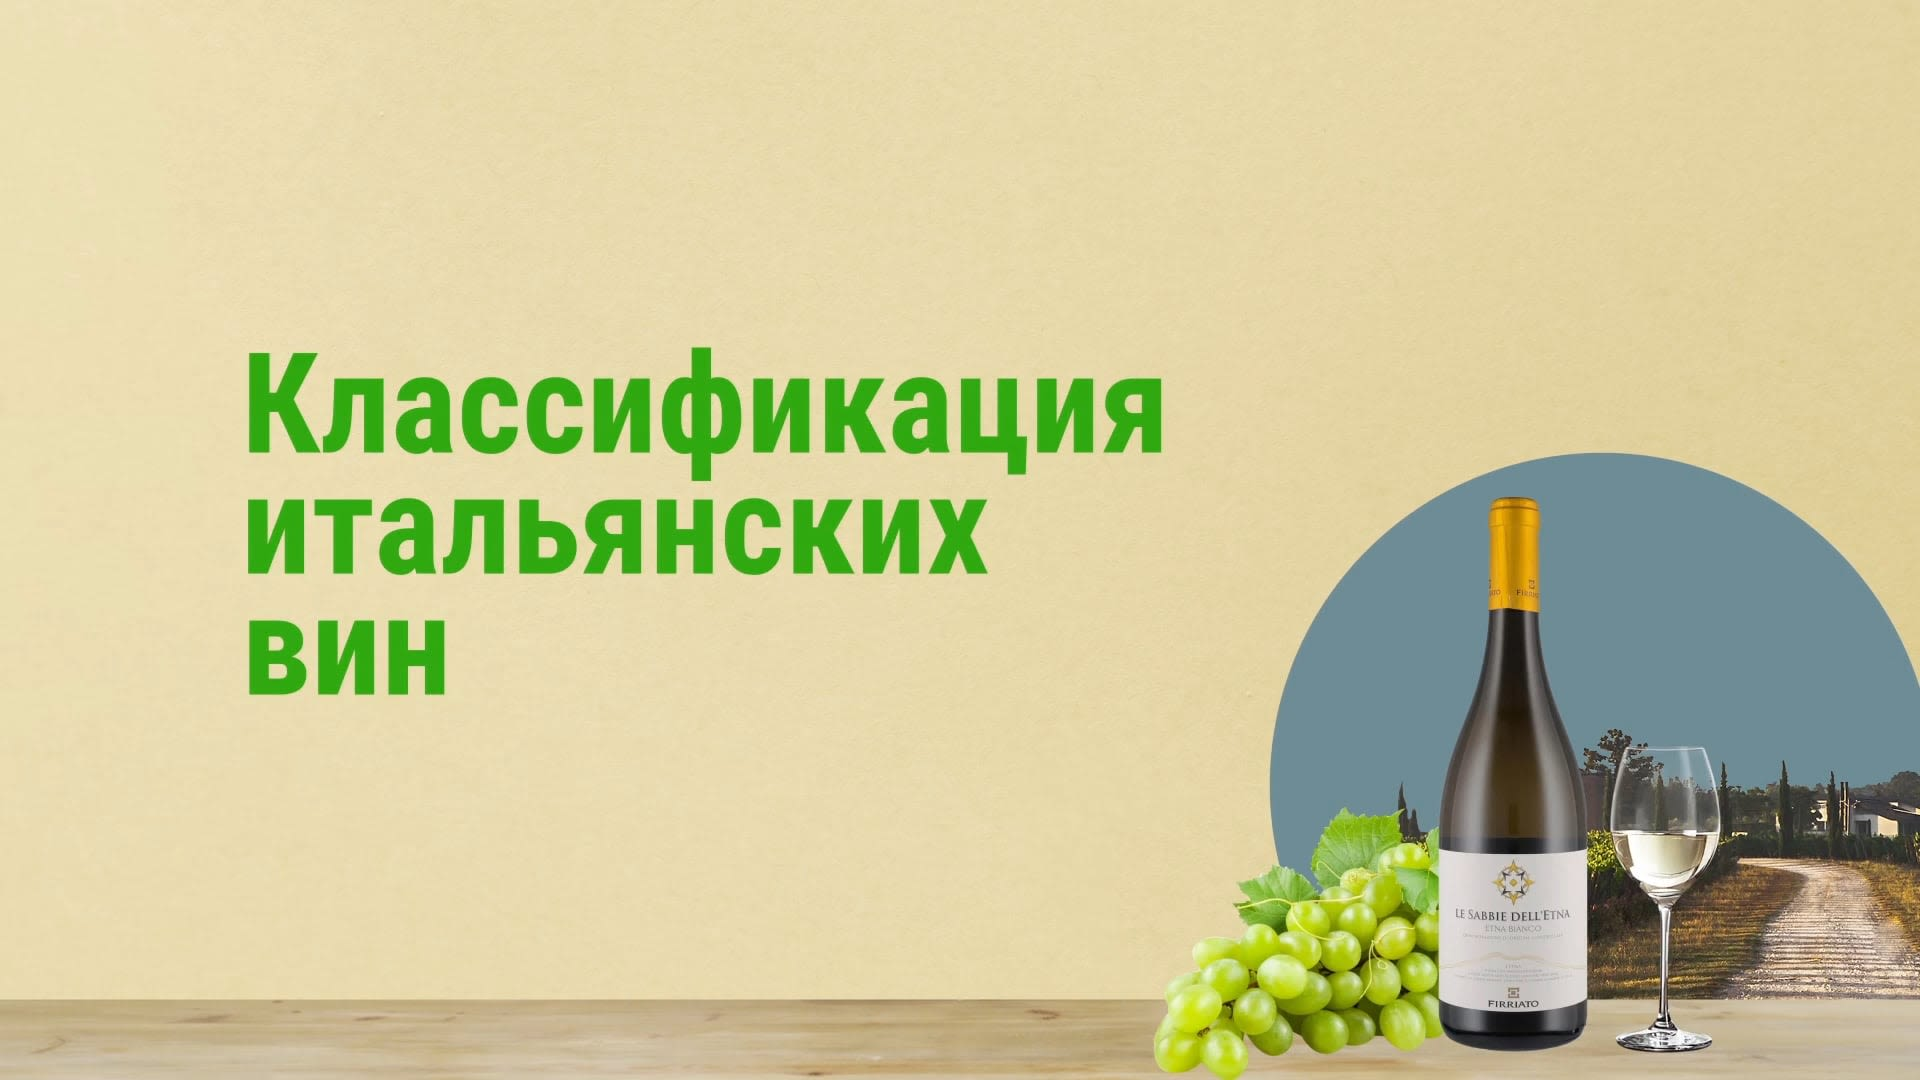 2. Классификация итальянских вин